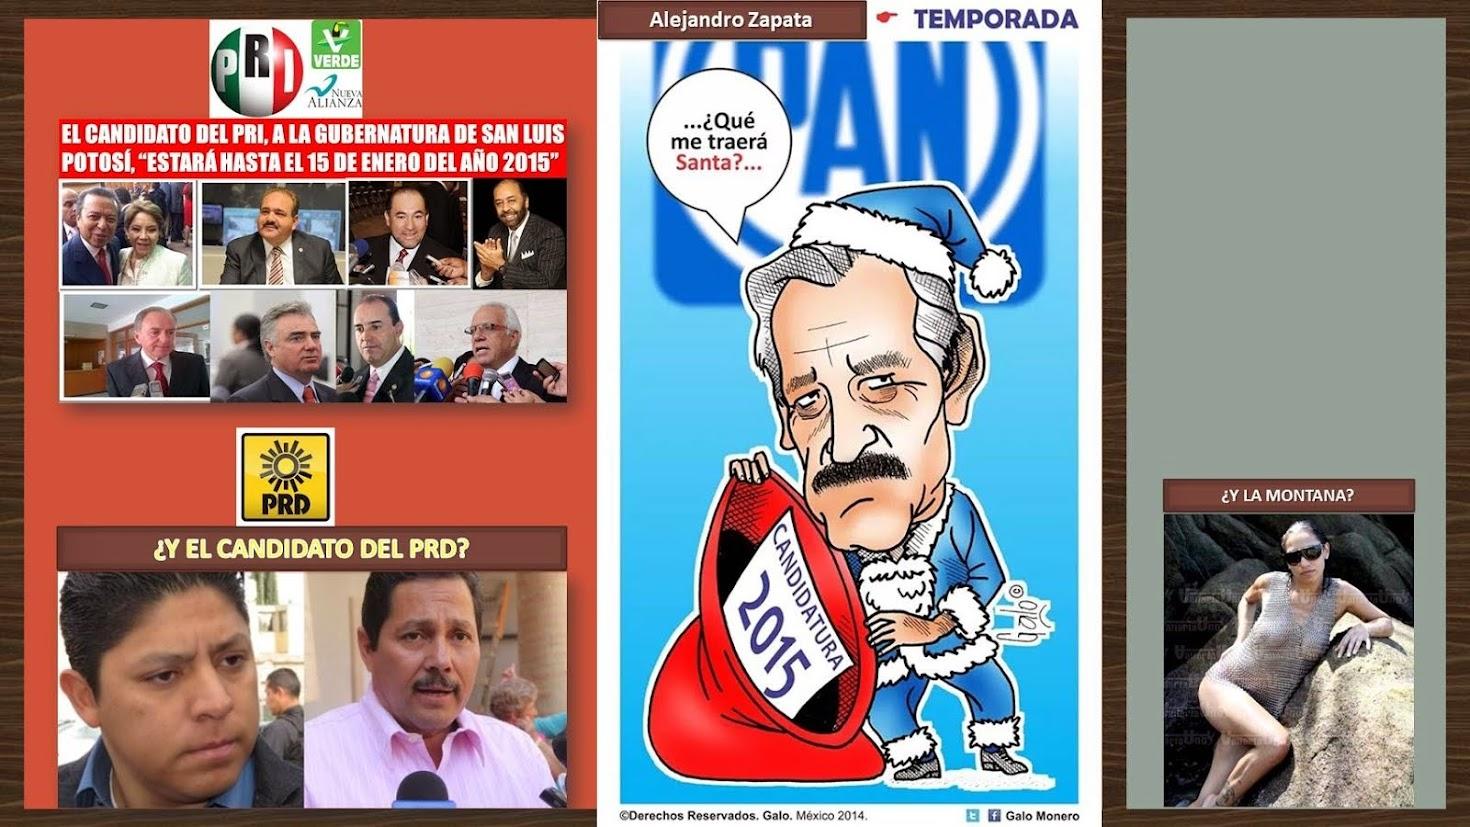 ELECCIONES 2015, PARA GOBERNADOR, EN EL ESTADO DE SAN LUIS POTOSÍ, MÉXICO.